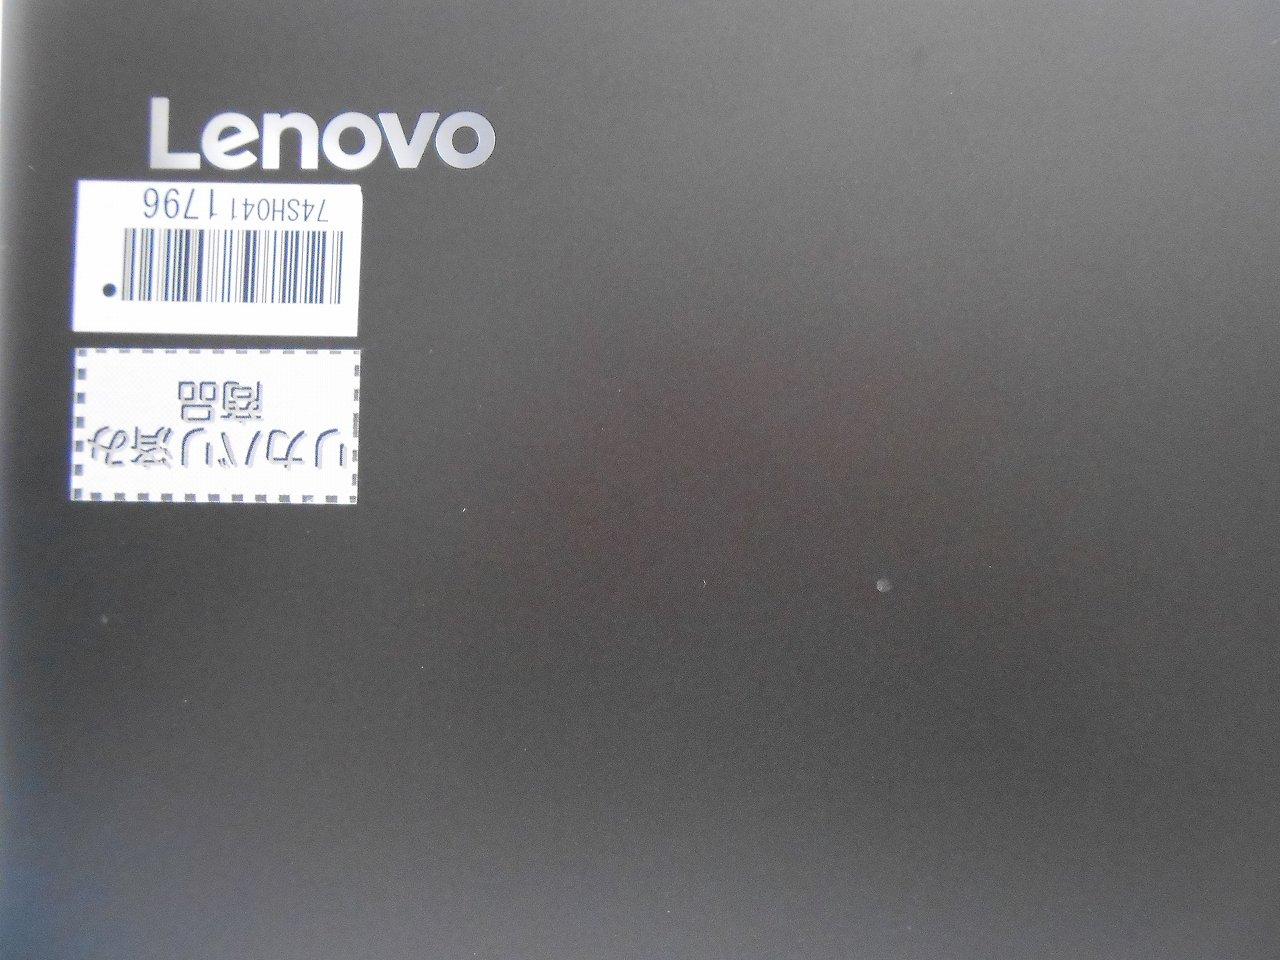 【中古】Lenovo IdeaPad 320-15IKB/2017年モデル/Corei7 7500U 2.7GHz/メモリ8GB/HDD1000GB/15インチ/Windows10Home【3ヶ月保証】【足立店発送】